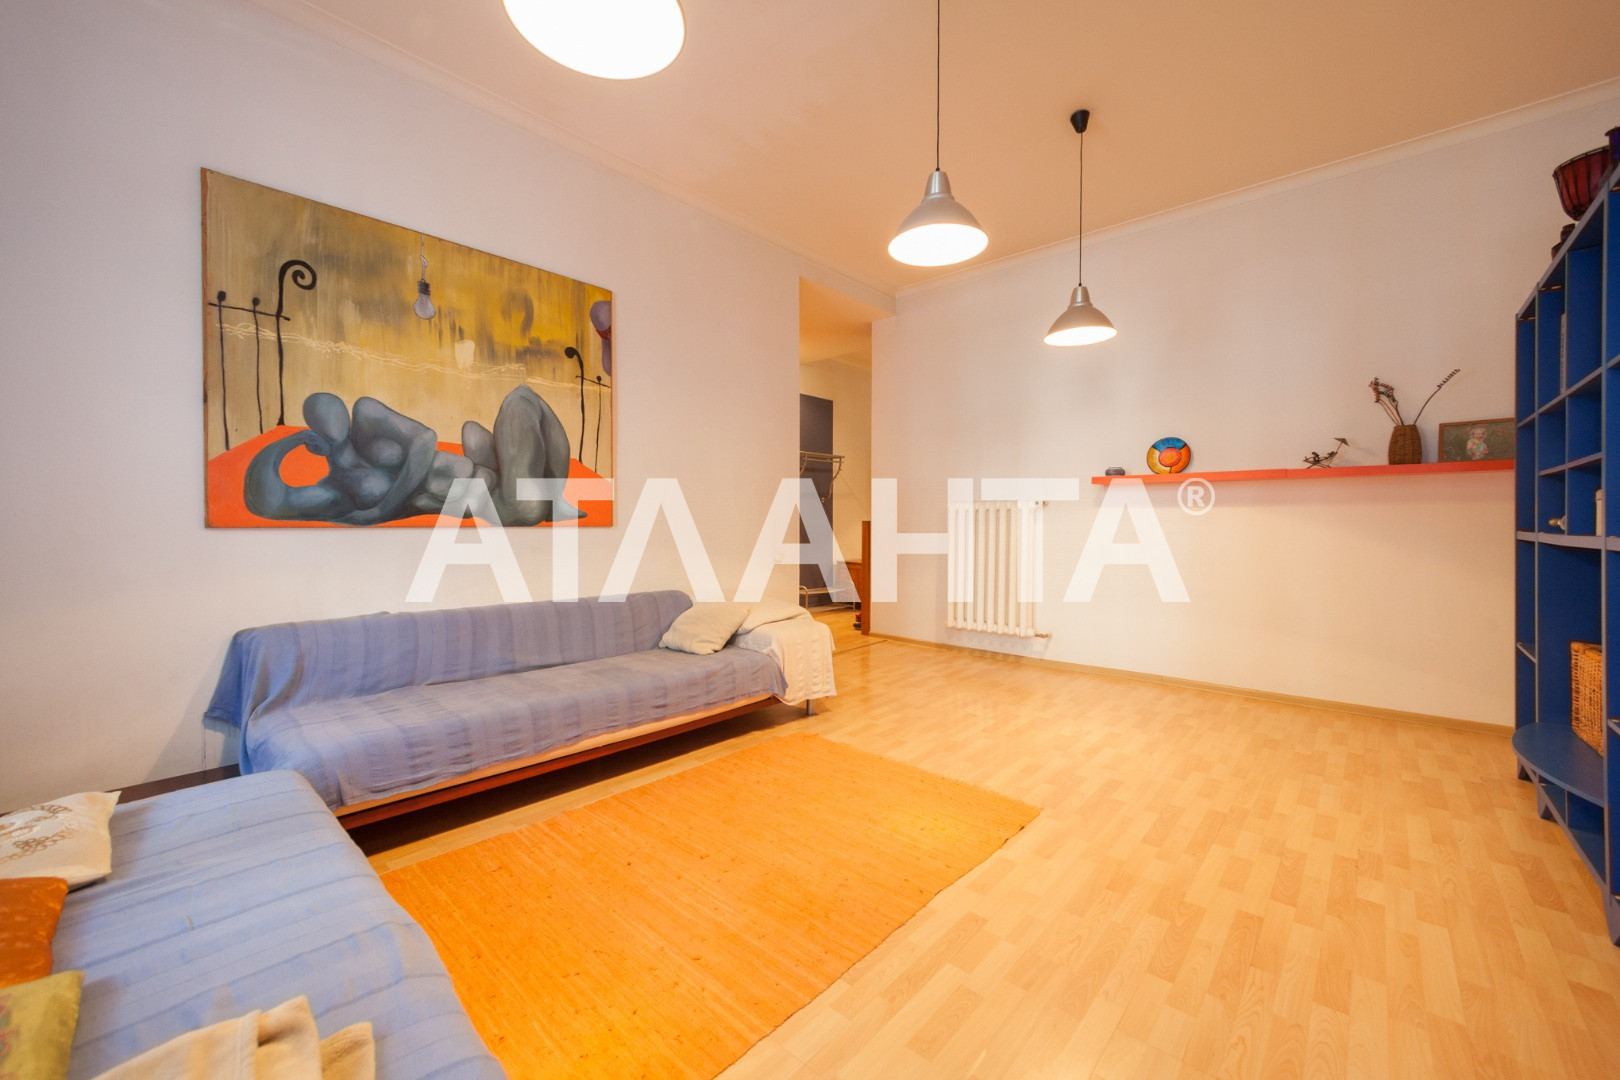 Продается 3-комнатная Квартира на ул. Военный Сп. (Жанны Лябурб Сп.) — 95 000 у.е. (фото №2)